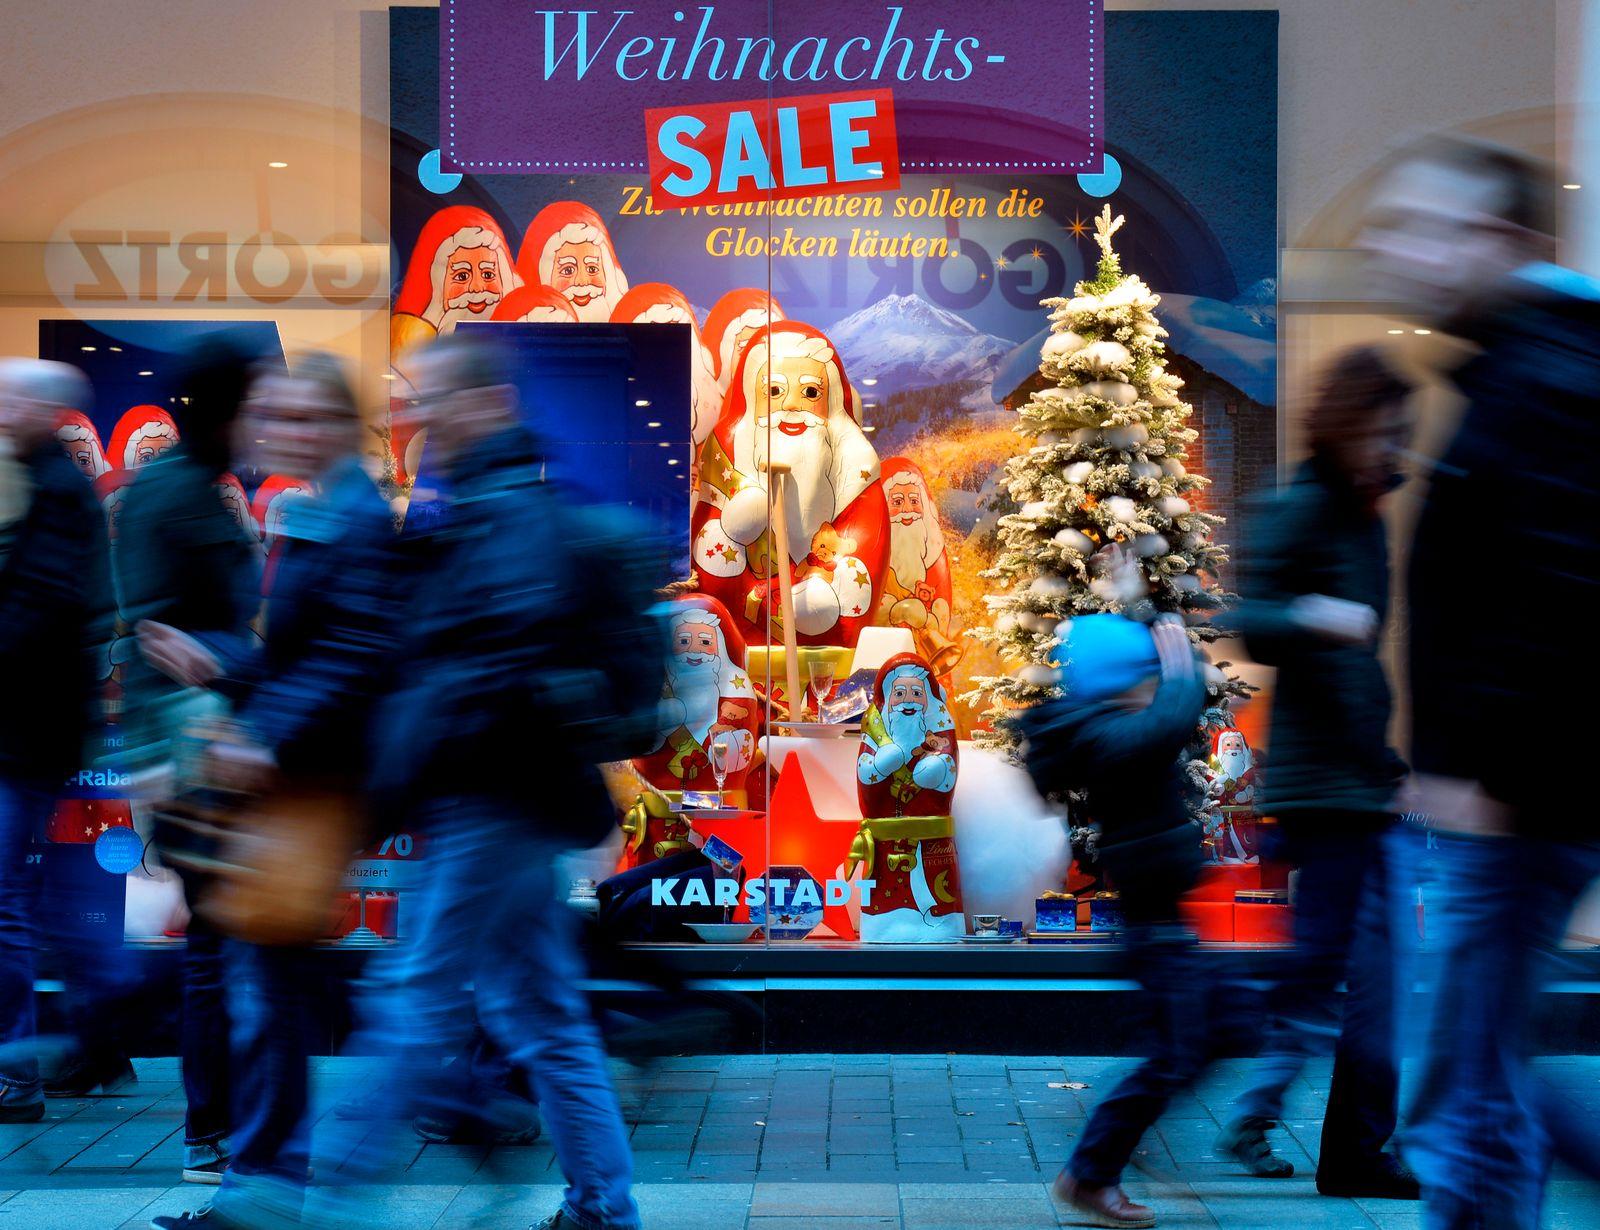 Weihnachten / Shoppen / Konsum